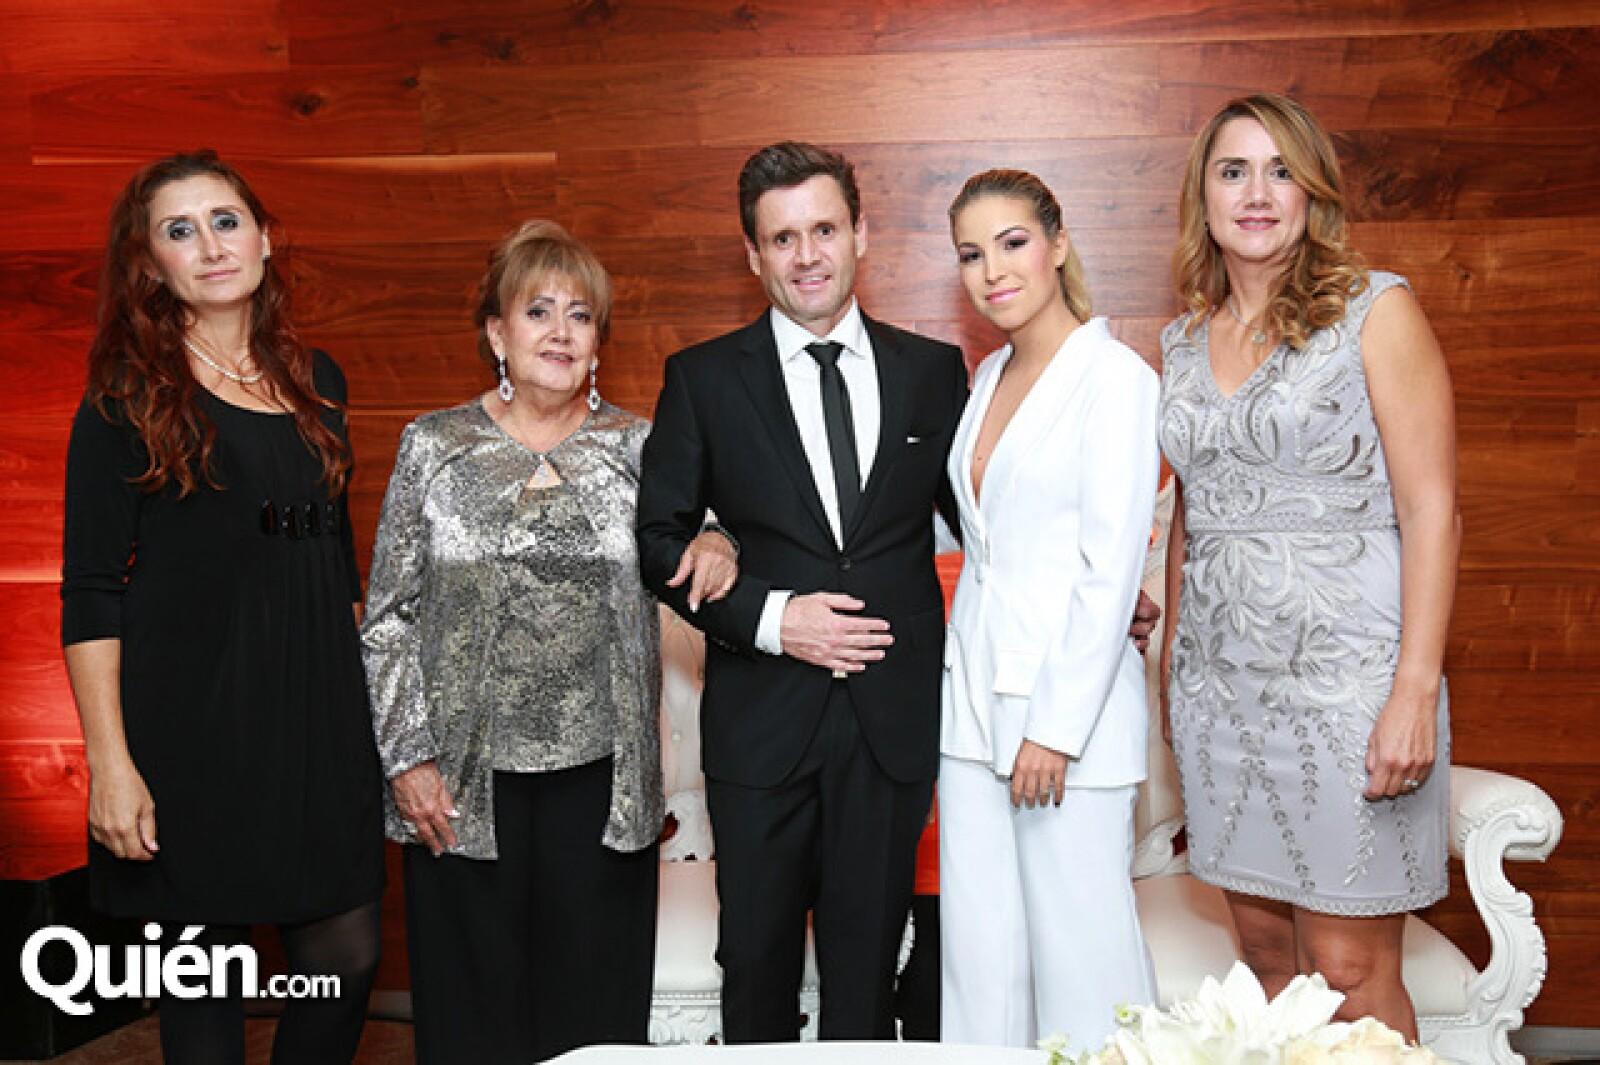 Tania Leal,Yolanda Cavazos,Octavio Leal,Andy Benavides y Karla Leal